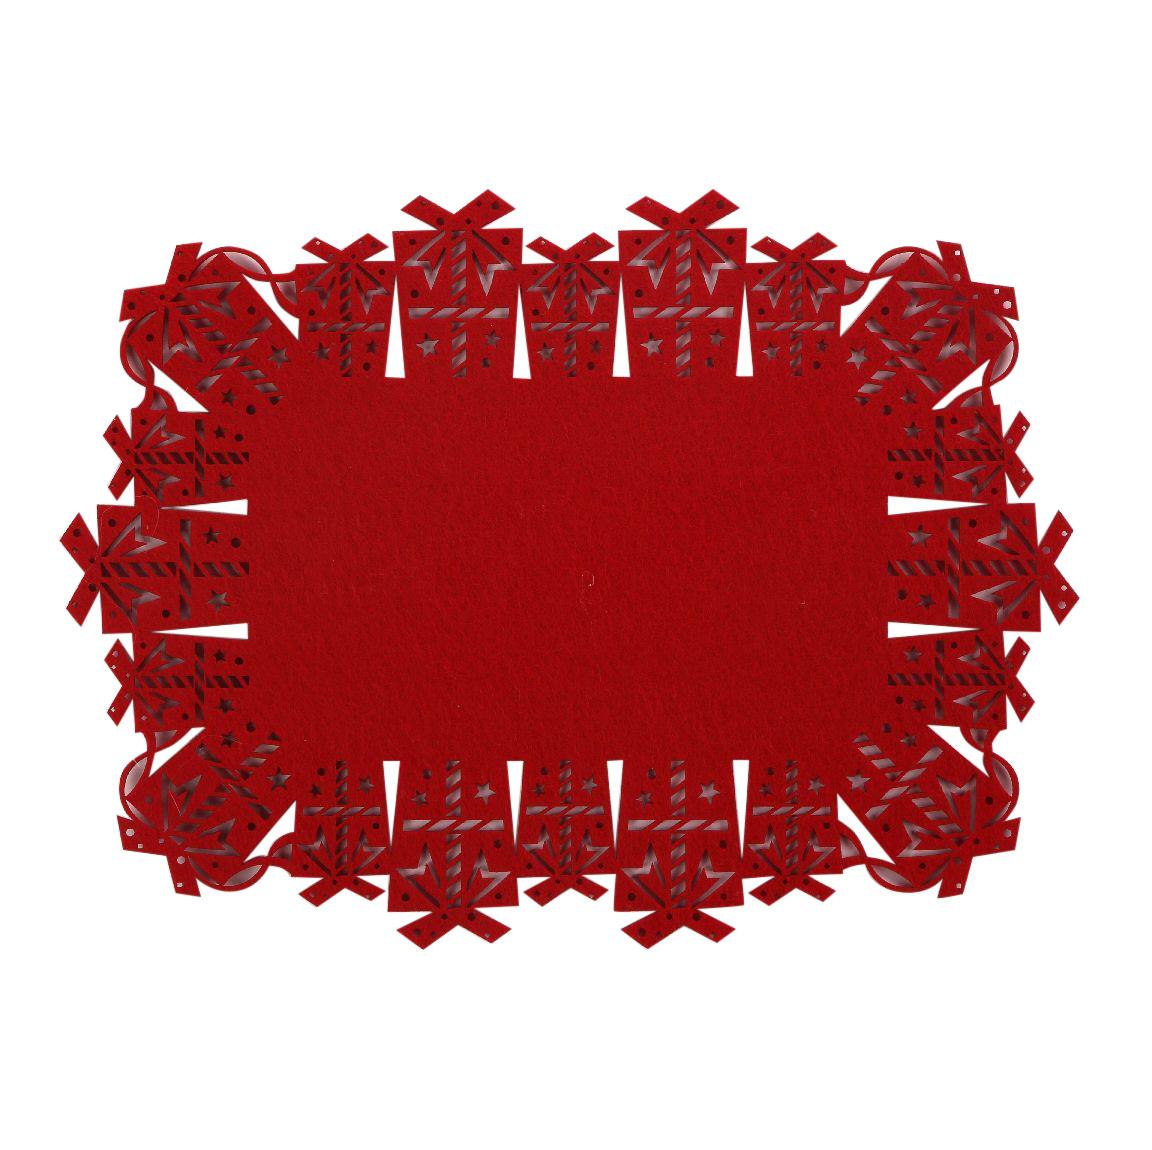 Podkładka / mata na stół filcowa świąteczna Boże Narodzenie Altom Design czerwona prezenty 30x40 cm